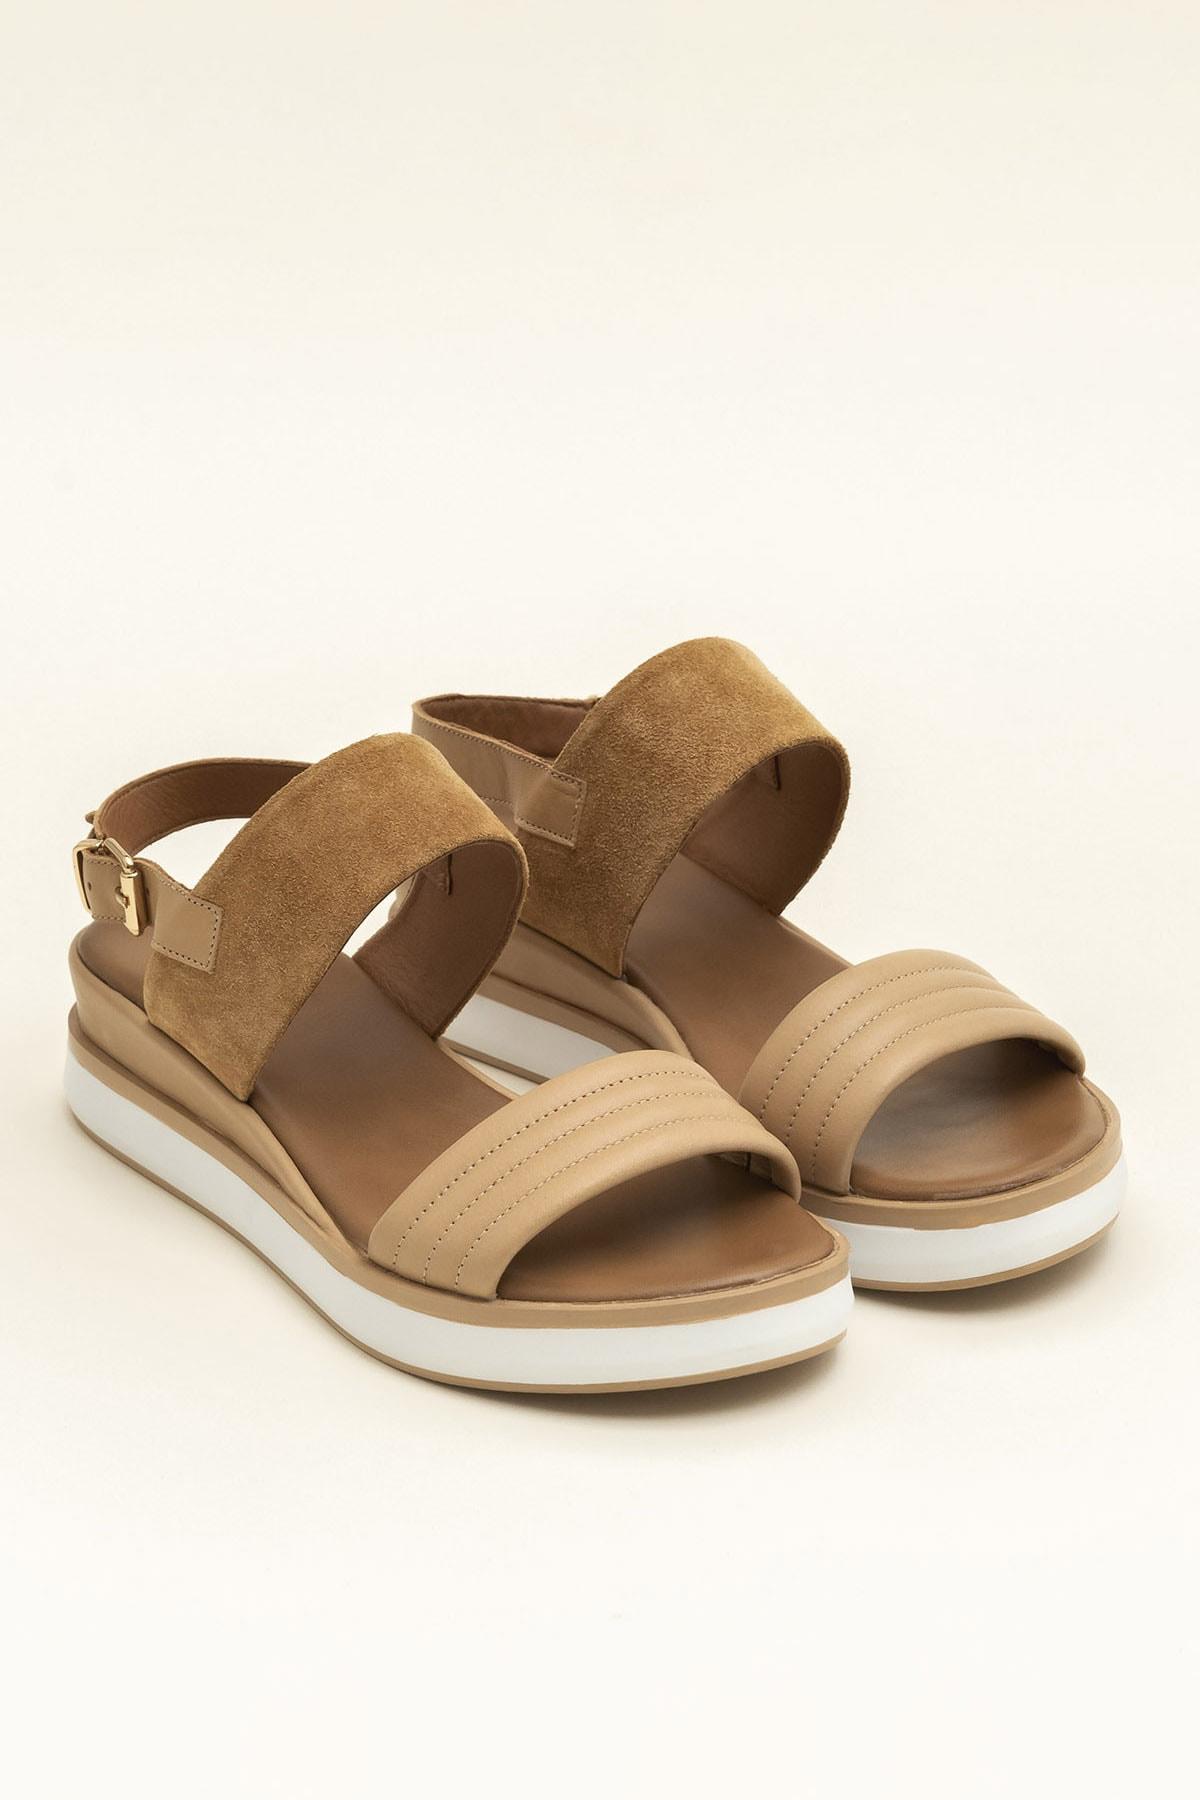 Elle Shoes SUNNIVA Naturel Süet Kadın  20YLT113026 2